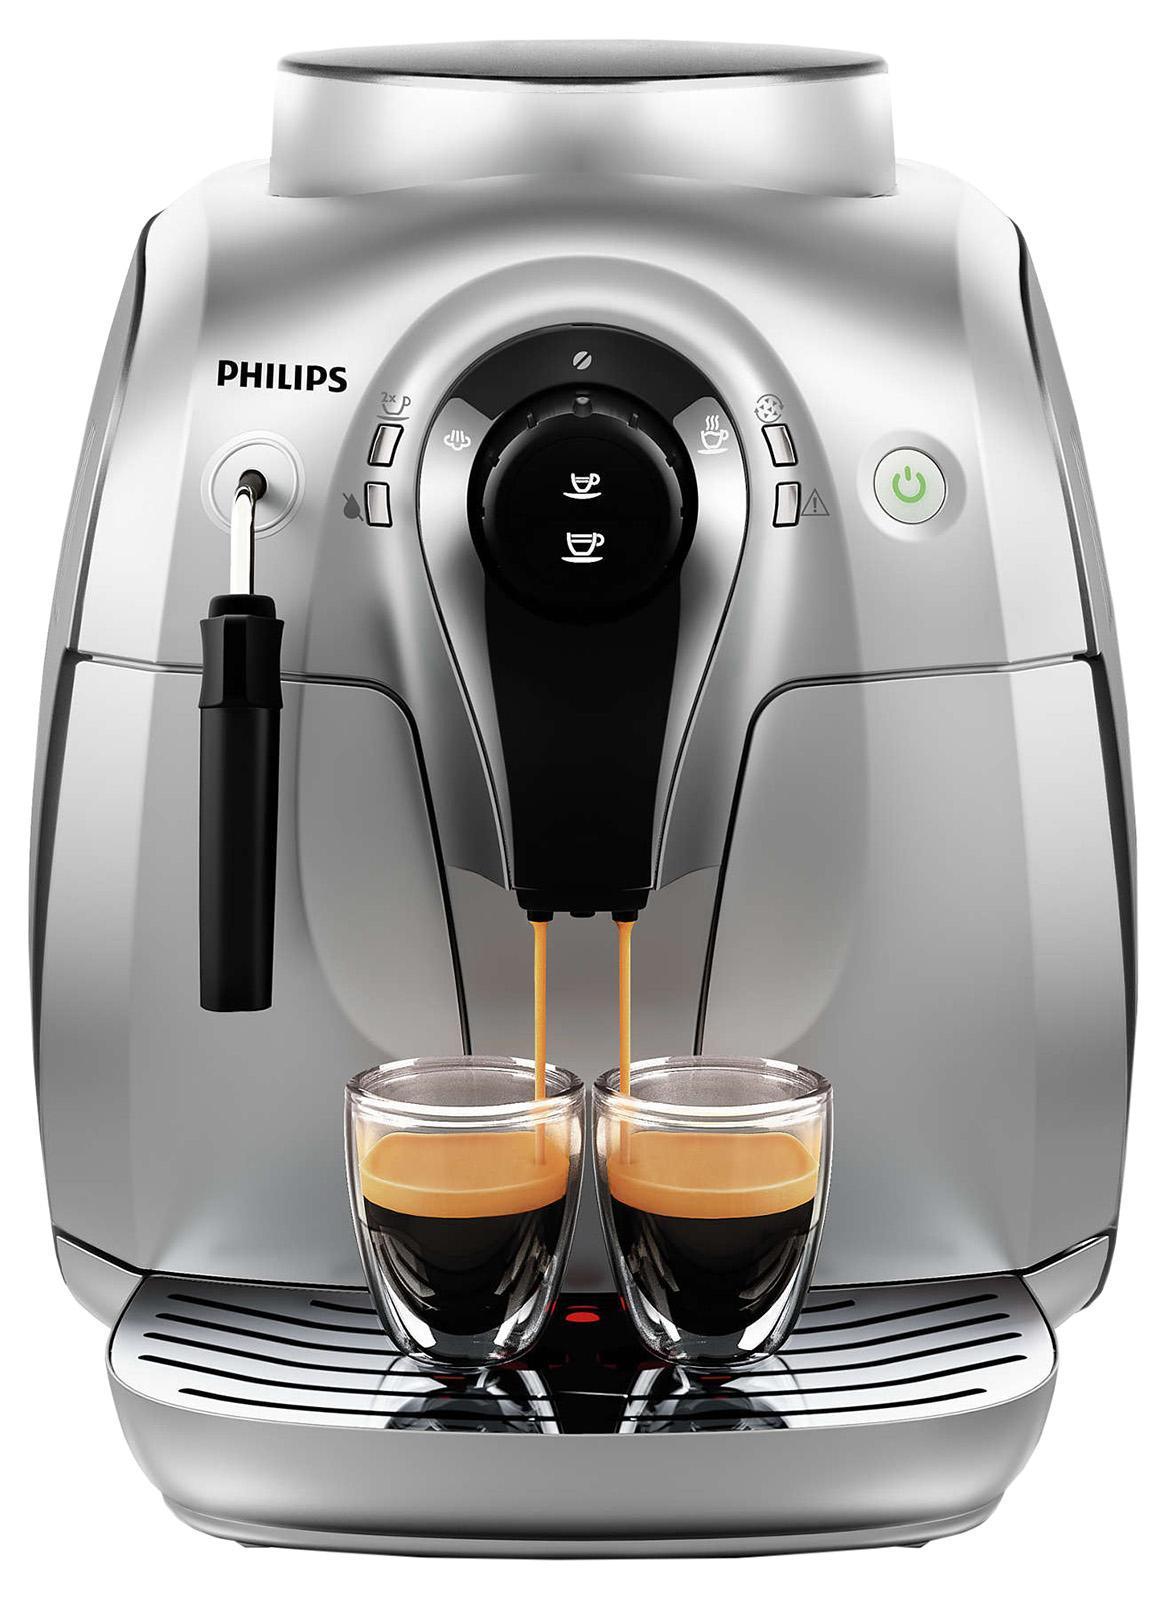 Philips HD8649/51 кофемашинаHD8649/51Эспрессо из свежемолотых кофейных зерен простым нажатием кнопки. Приготовьте одну или сразу две порции превосходного эспрессо, сваренного из свежемолотых кофейных зерен, просто нажав на кнопку и подождав несколько секунд. Потрясающий вкус благодаря 100%-но керамическим жерновамПотрясающий вкус благодаря 100%-но керамическим жерновам. Забудьте о жженом привкусе кофе благодаря 100%-но керамическим жерновам, которые не перегревают зерна. Керамика гарантирует долгий срок службы и бесшумную работу. Регулируемые настройки помола для идеального вкуса кофеРегулируемые настройки помола для идеального вкуса кофе Выберите одну из пяти степеней помола на ваш вкус — от самого тонкого для приготовления насыщенного крепкого эспрессо до самого грубого для более легкого вкуса. Сохраните персональные настройки объема напитка с помощью функции запоминания. Благодаря функции запоминания вы можете запрограммировать и сохранить нужный объем, чтобы всегда готовить любимый кофе так, как вам нравится....